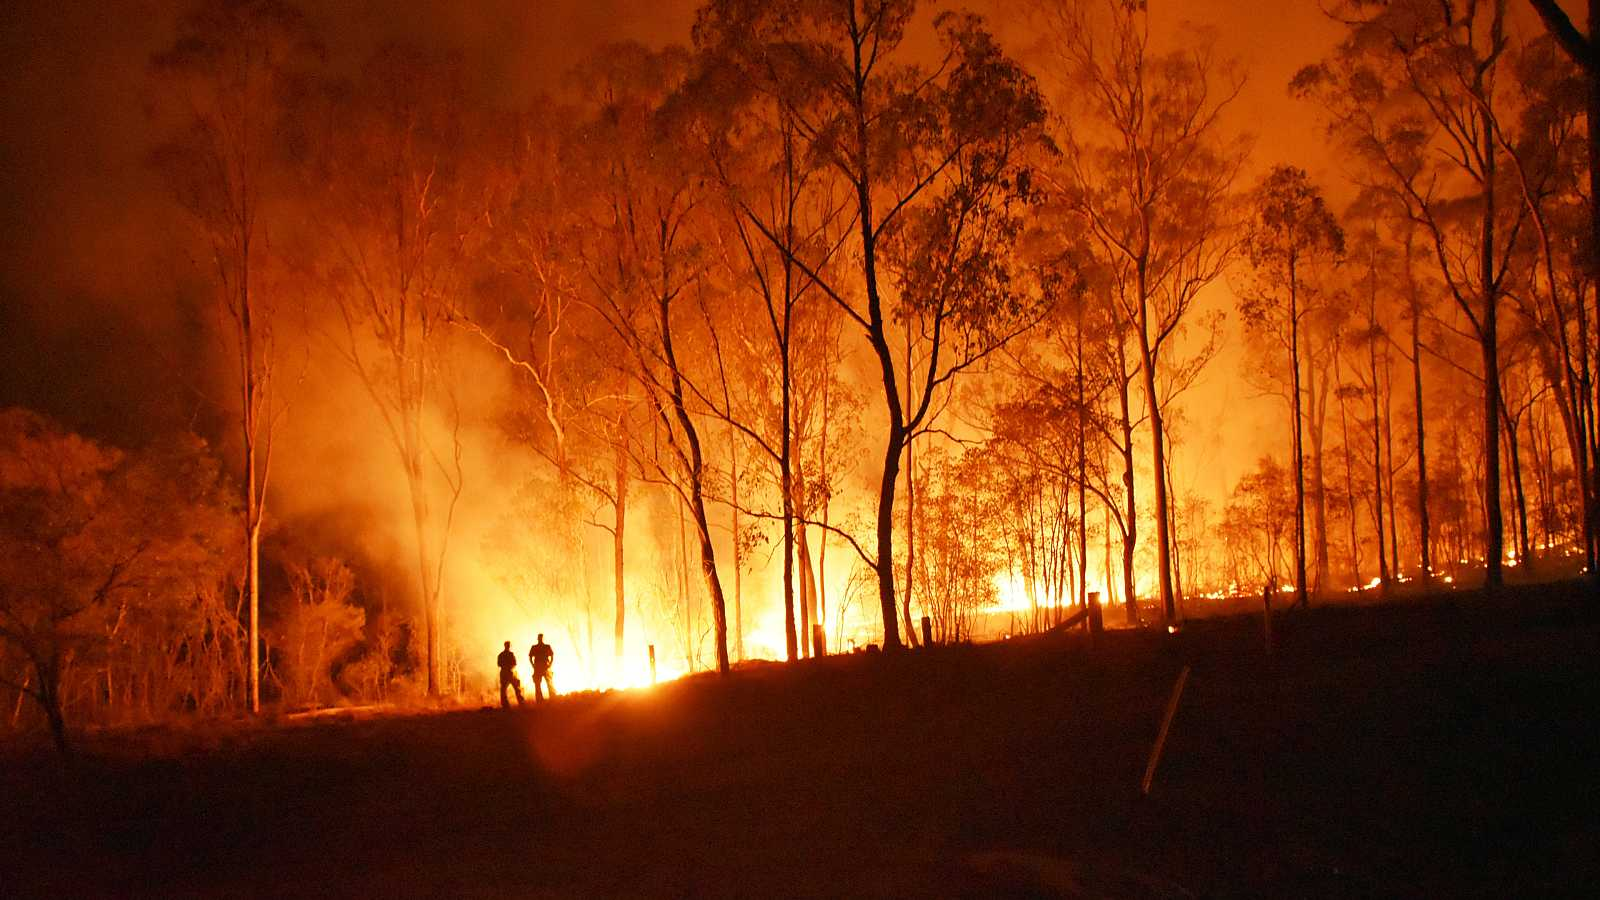 En los grandes incendios forestales (GIF), arde el 40% o más de la superficie total afectada.